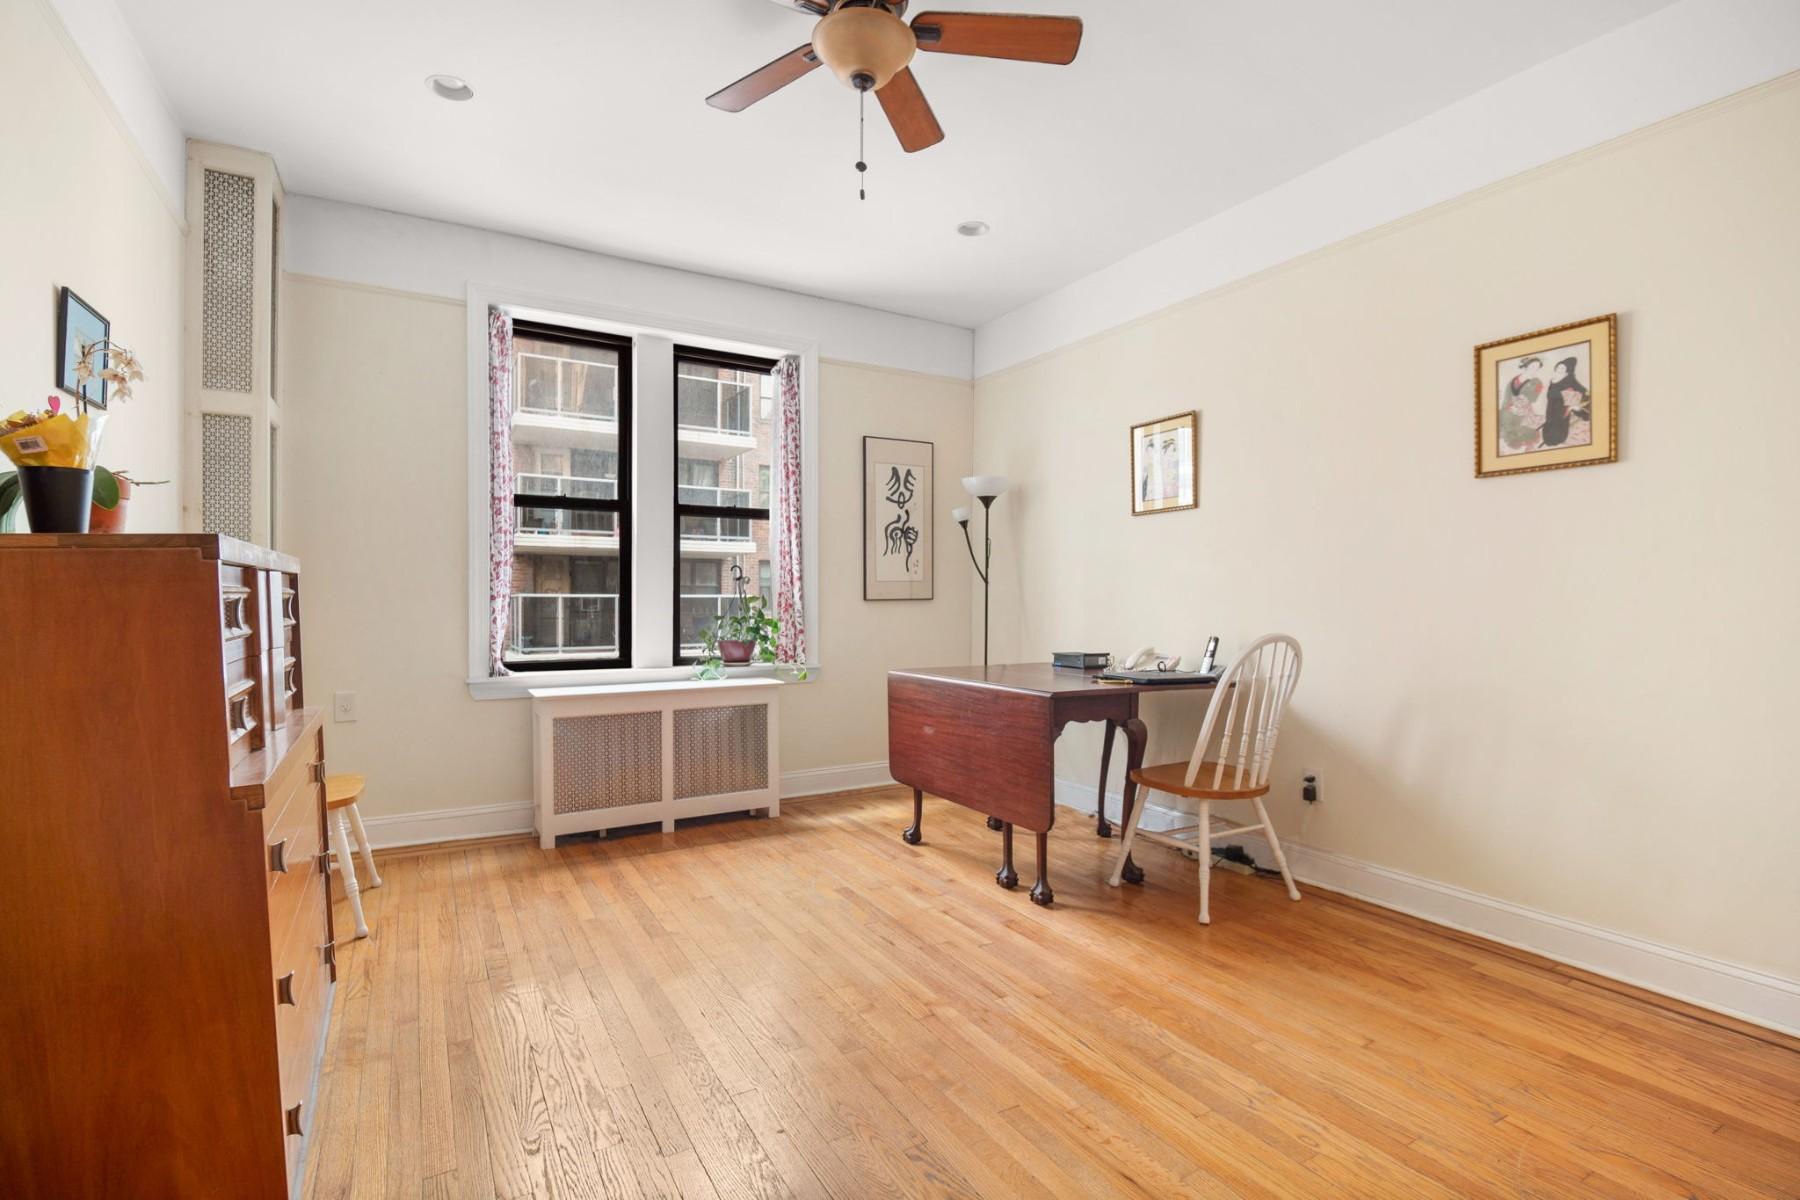 779 Riverside Drive Washington Heights New York NY 10032